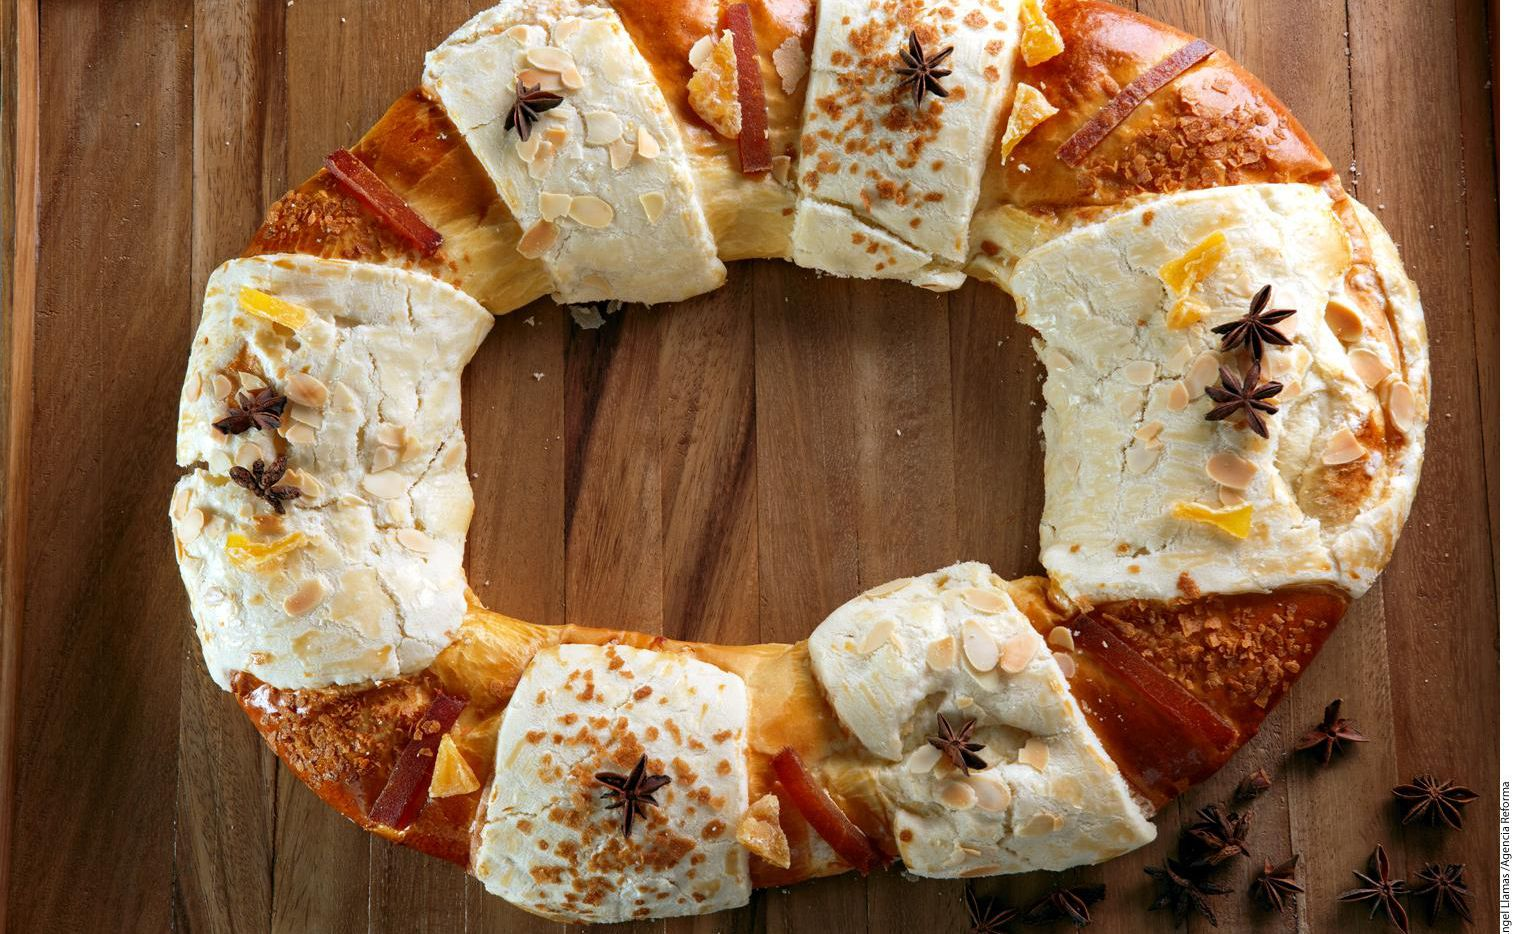 Una rosca de reyes preparada con dulce y fruta seca para adornar.(AGENCIA REFORMA)